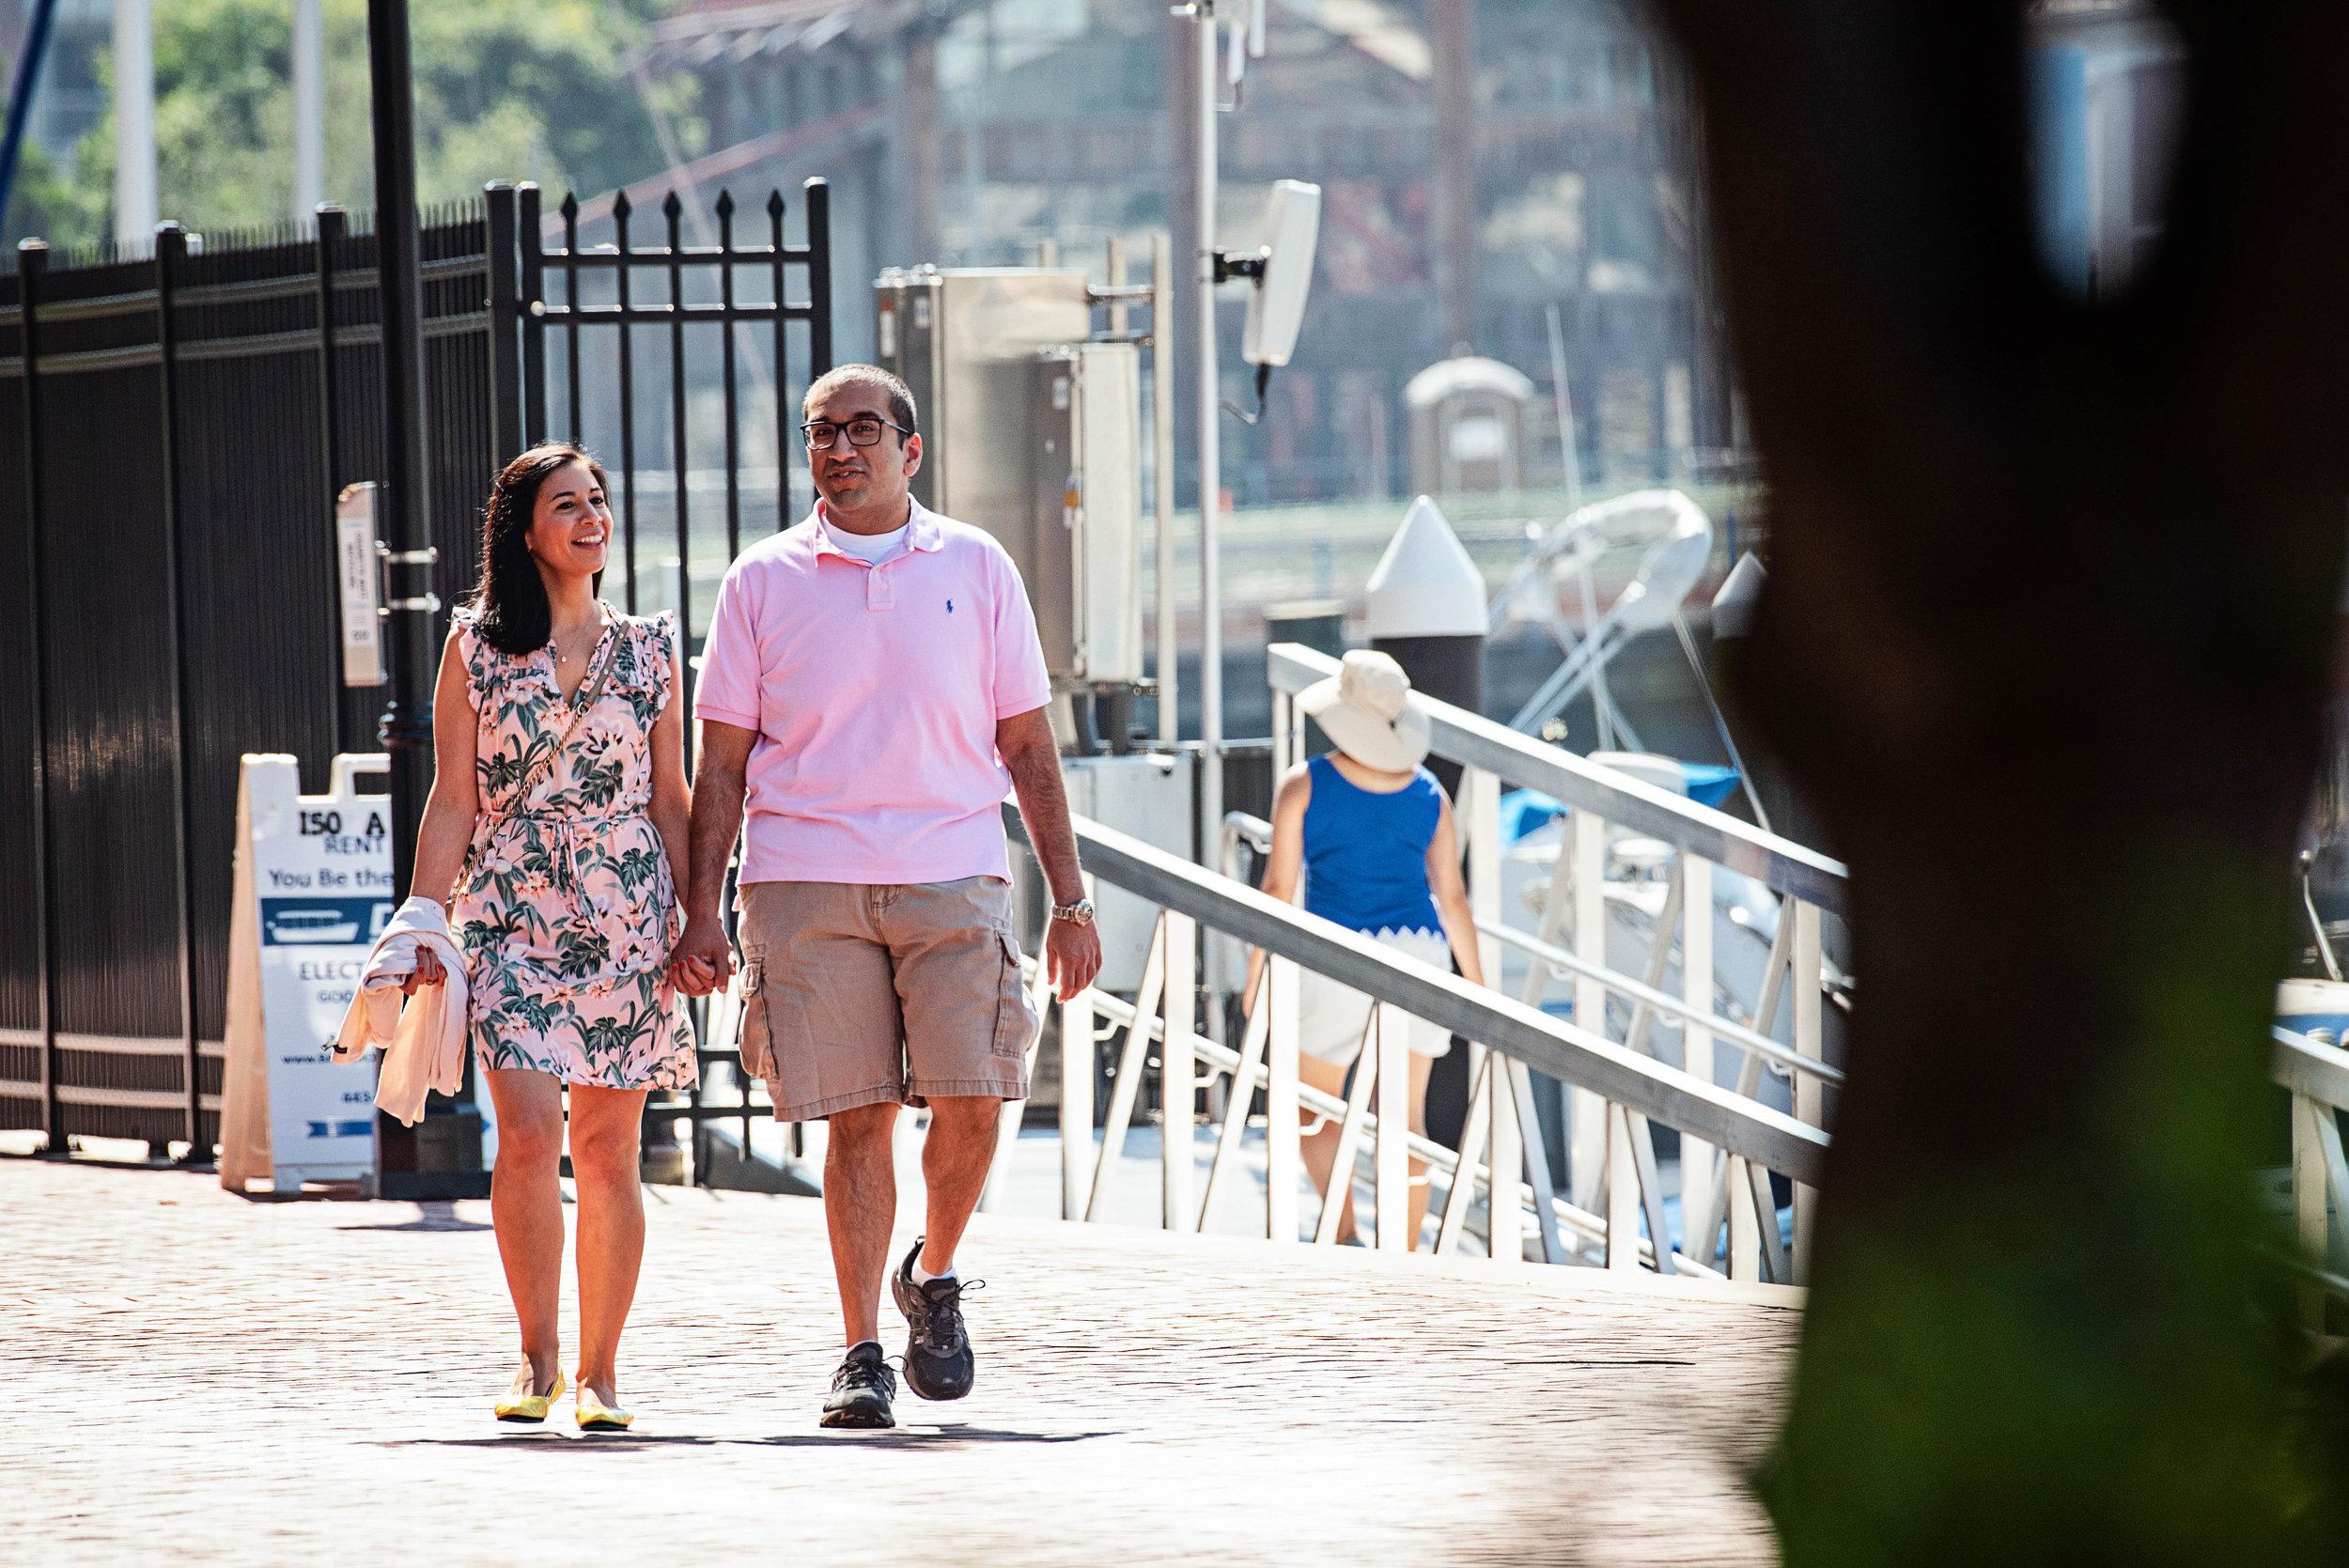 BaltimoreProposal-Saniha&Mo-12.jpg